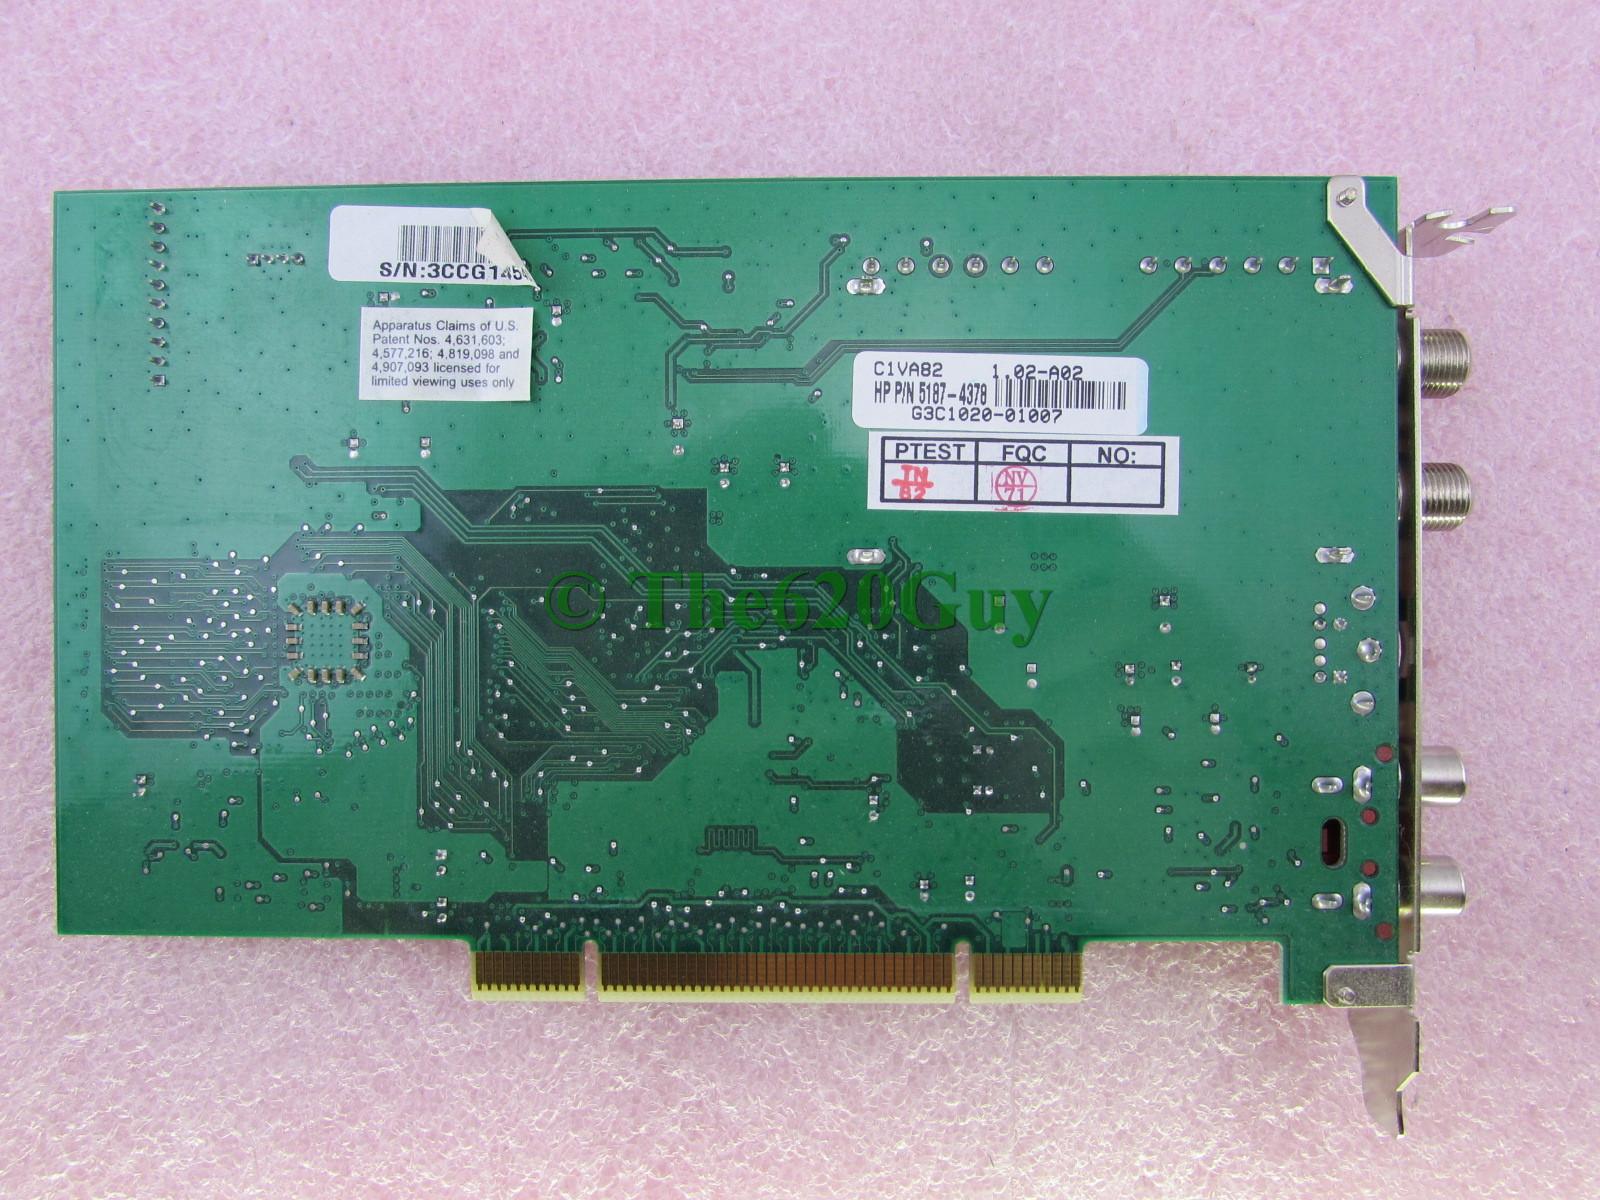 CONEXANT MPEG II AV ENCODER CX23416 DRIVER FOR WINDOWS